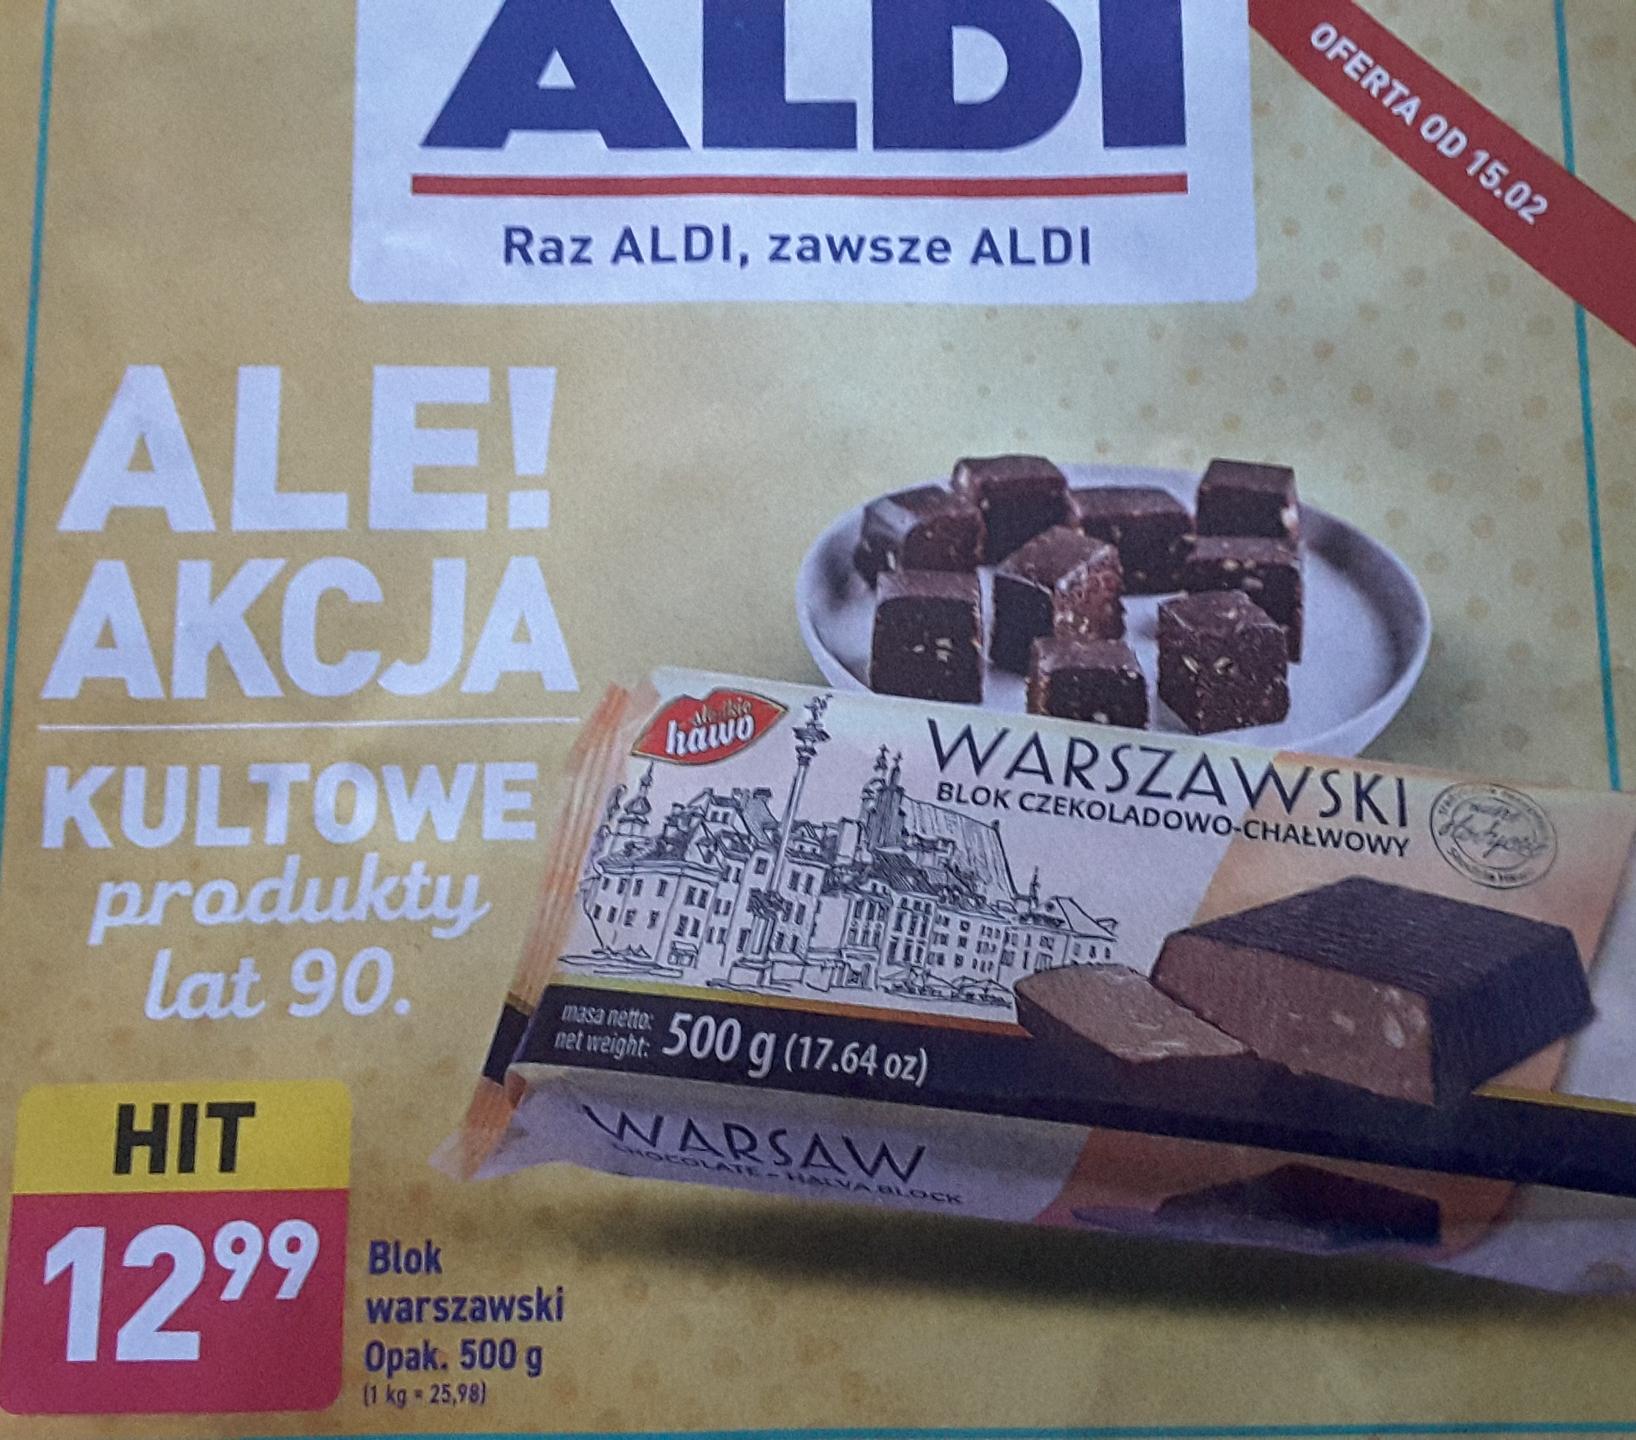 Powrot smakow lat 90-tych blok warszawski 500g w Aldi